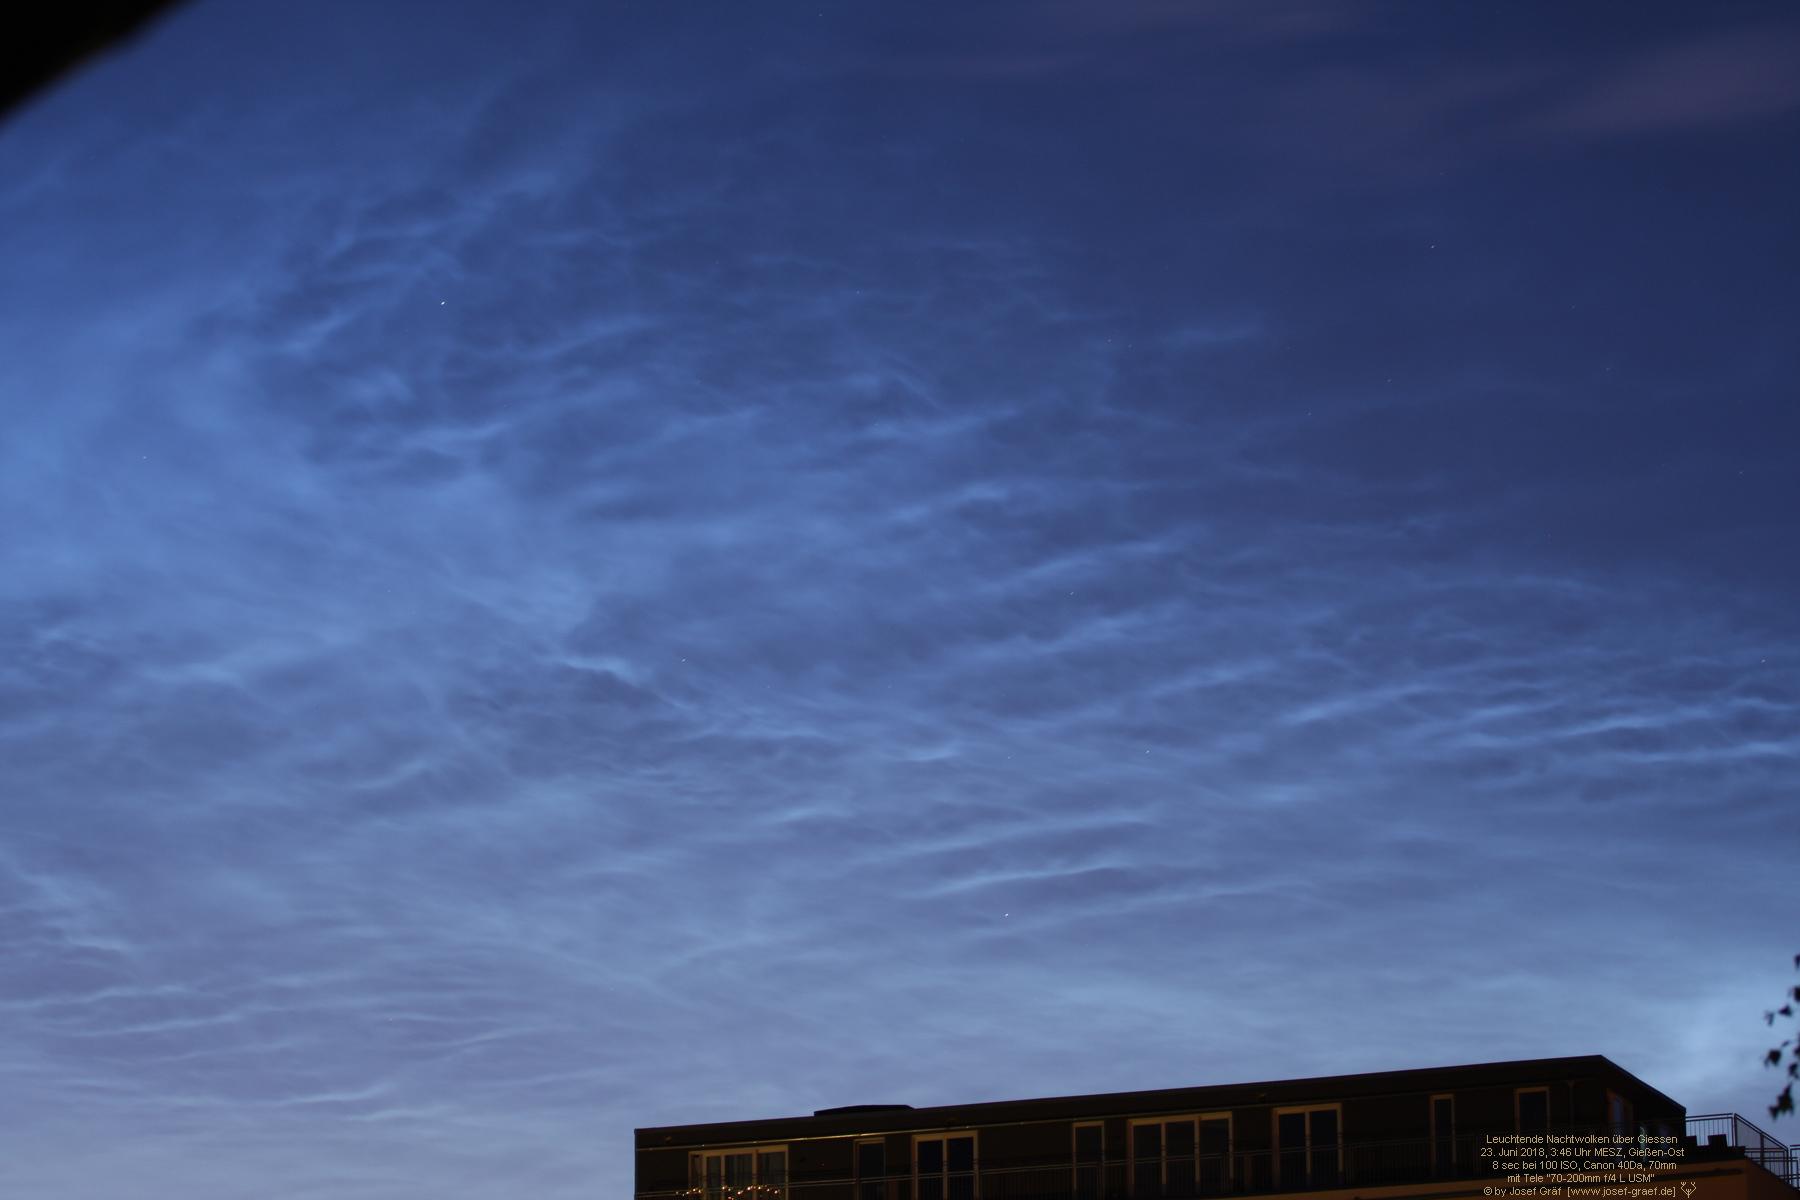 leuchtende_nachtwolken_giessen_20180623.jpg